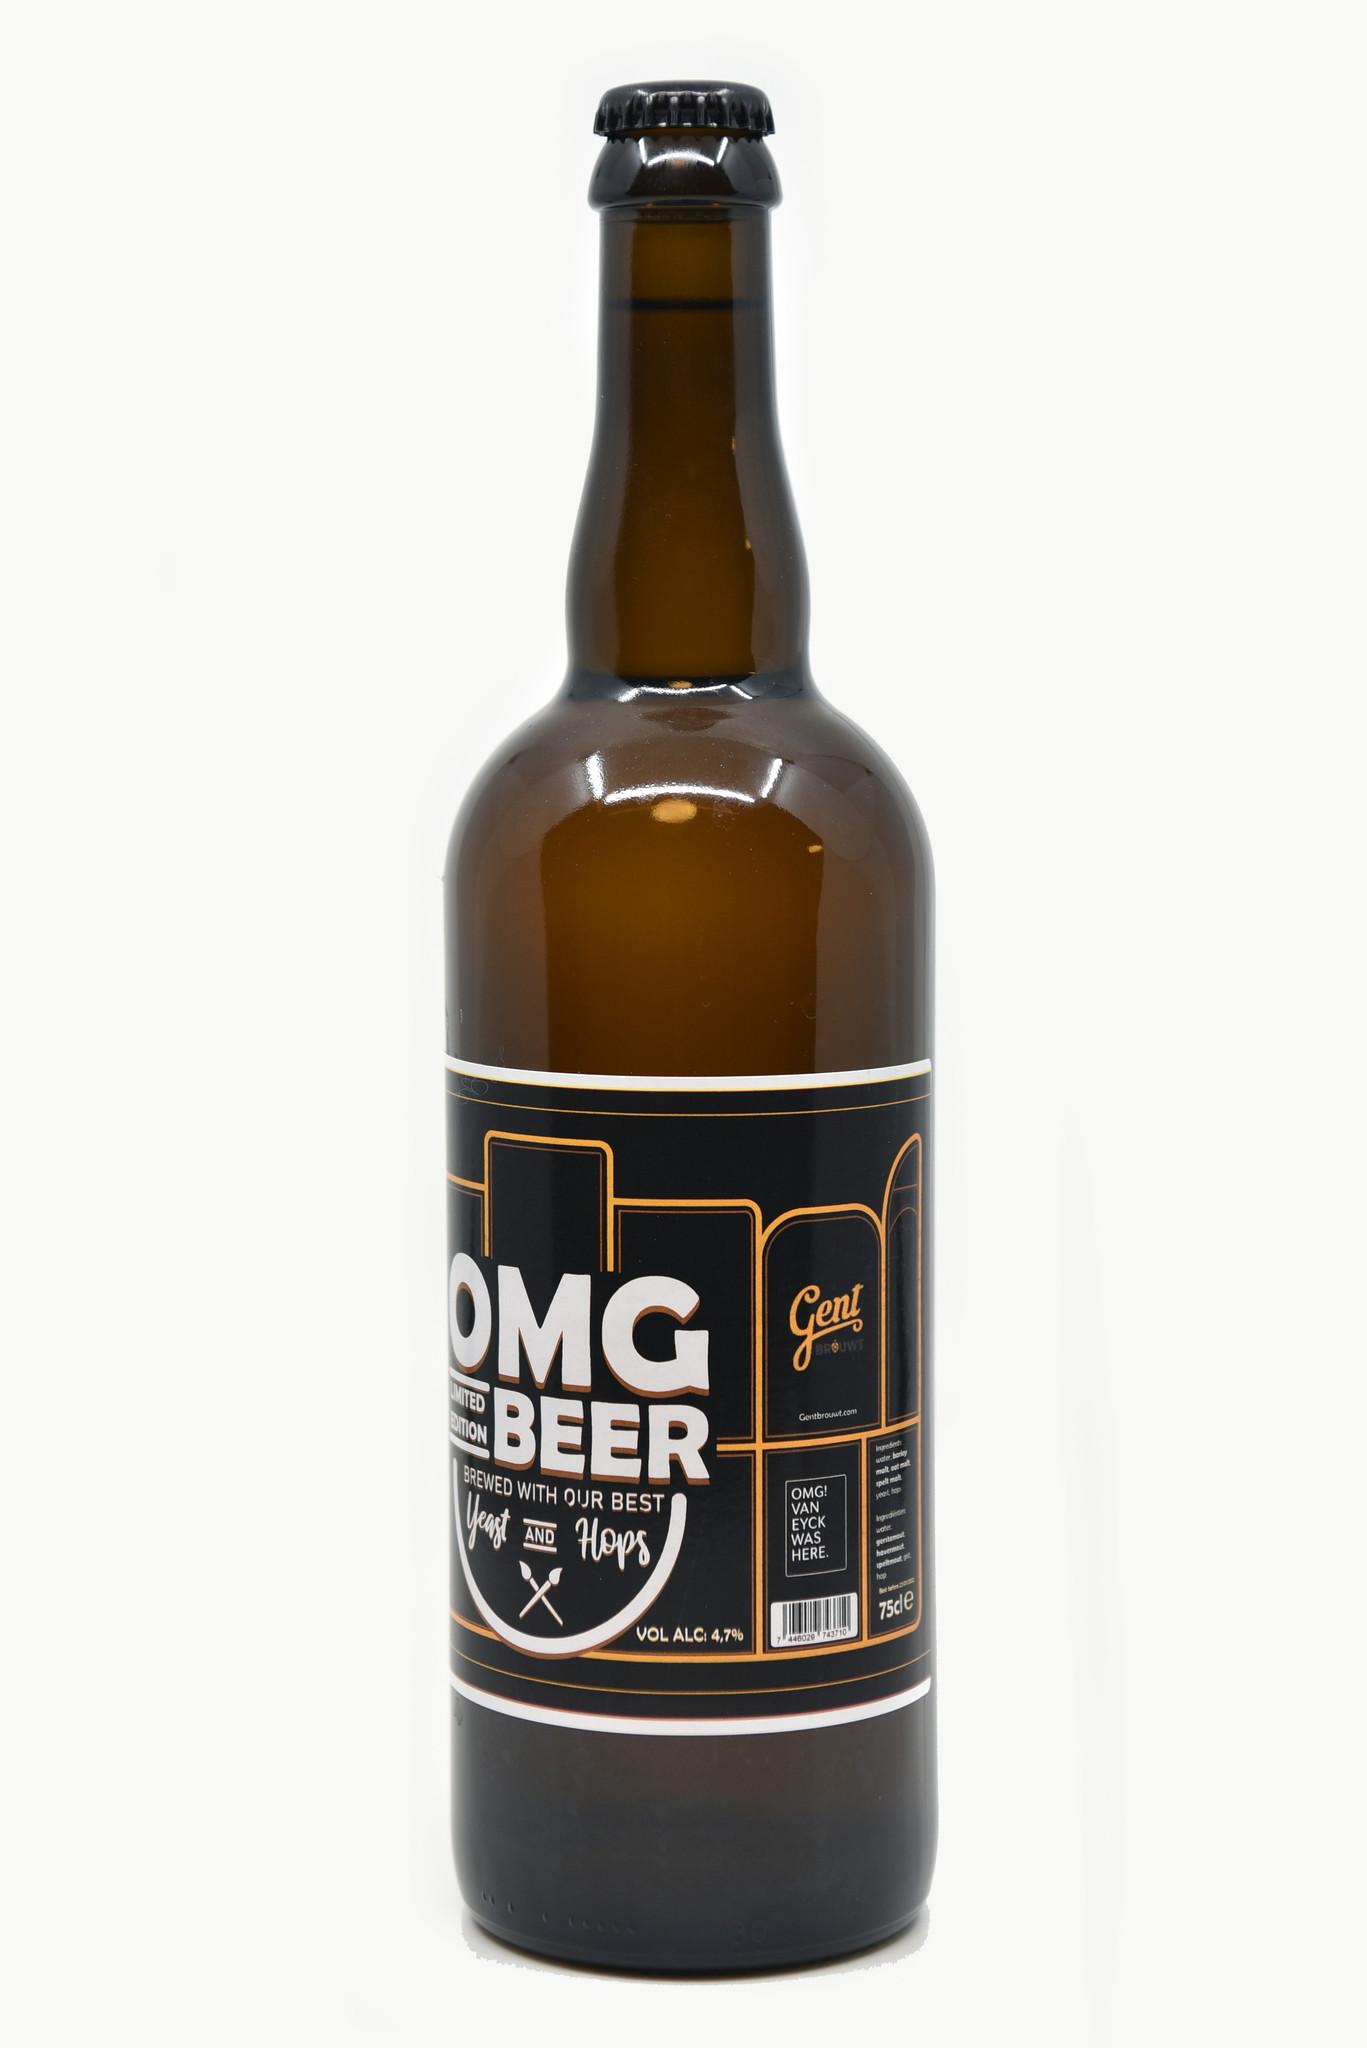 Gent Brouwt OMG Beer - Gent Brouwt